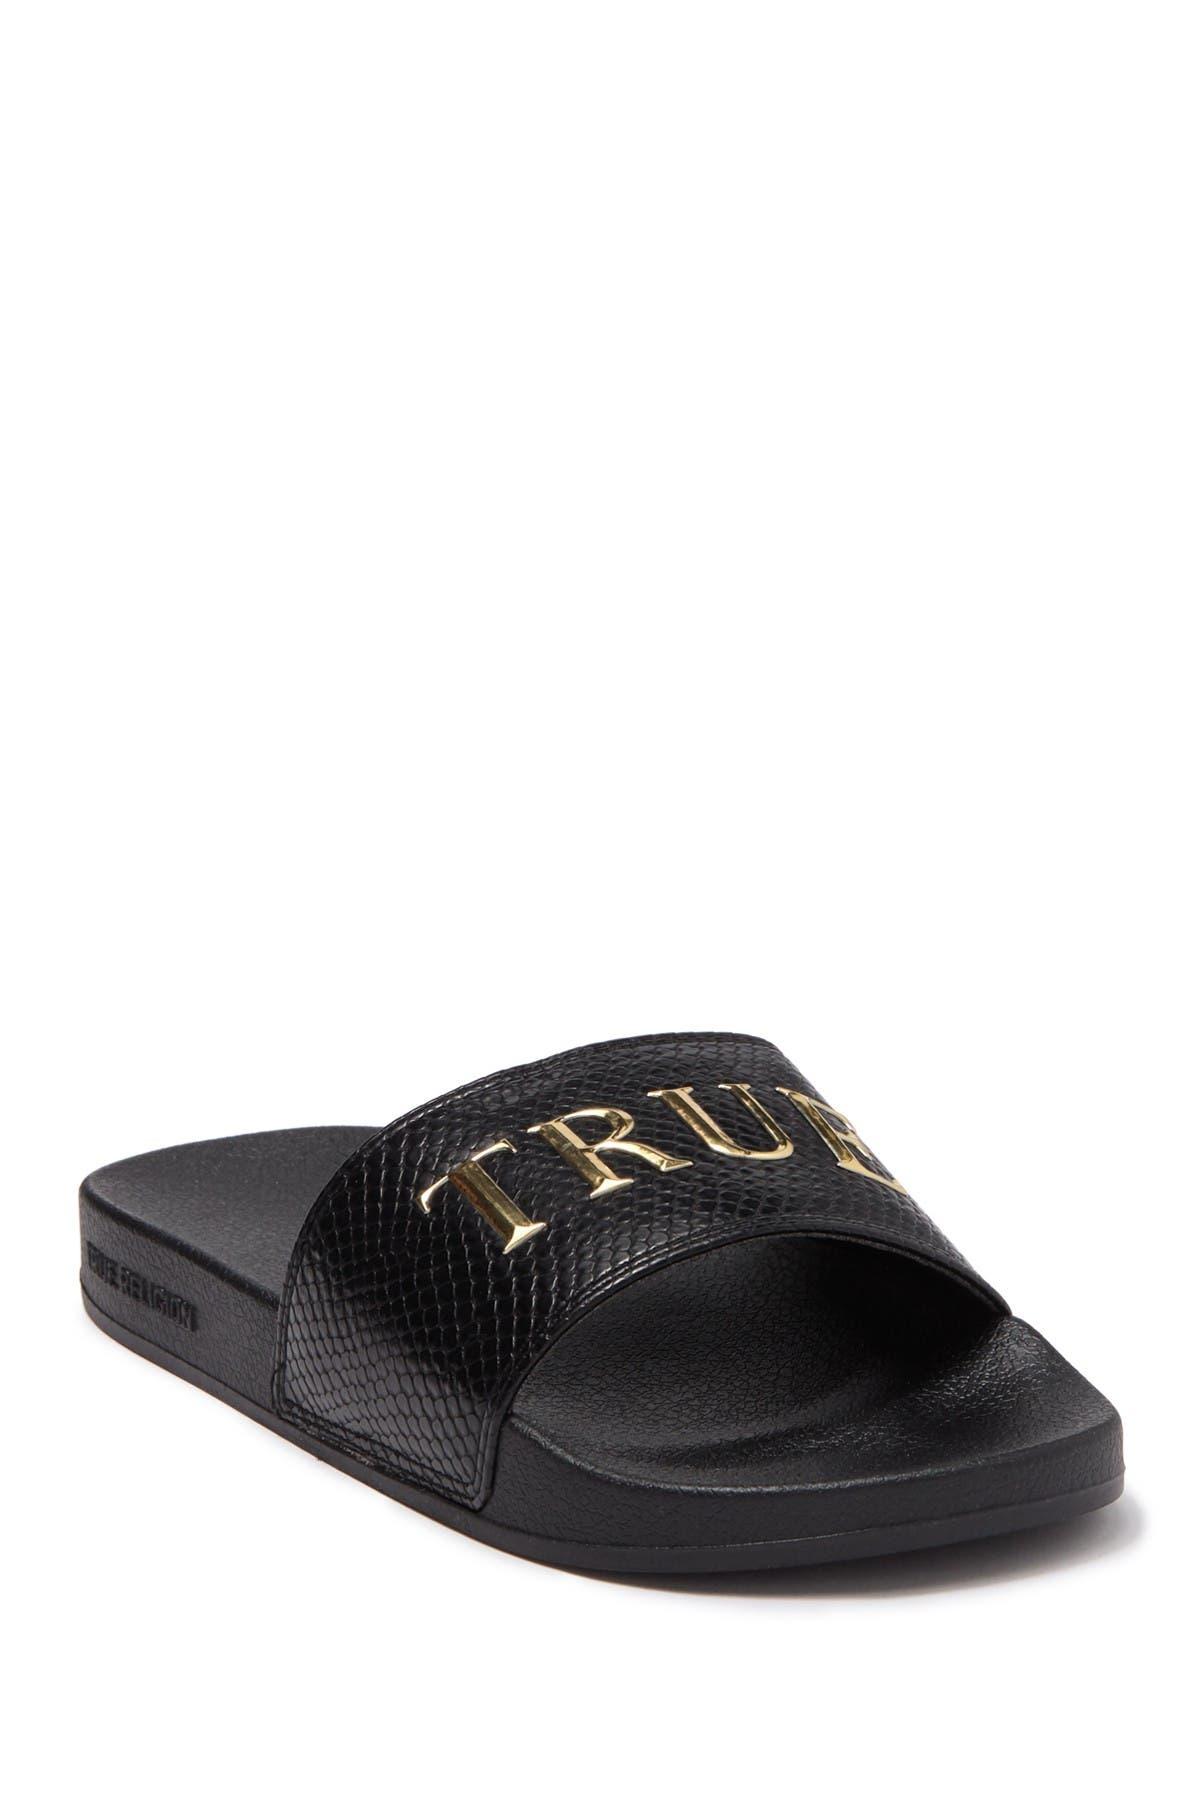 Image of True Religion Mirri Snakeskin Embossed Slide Sandal